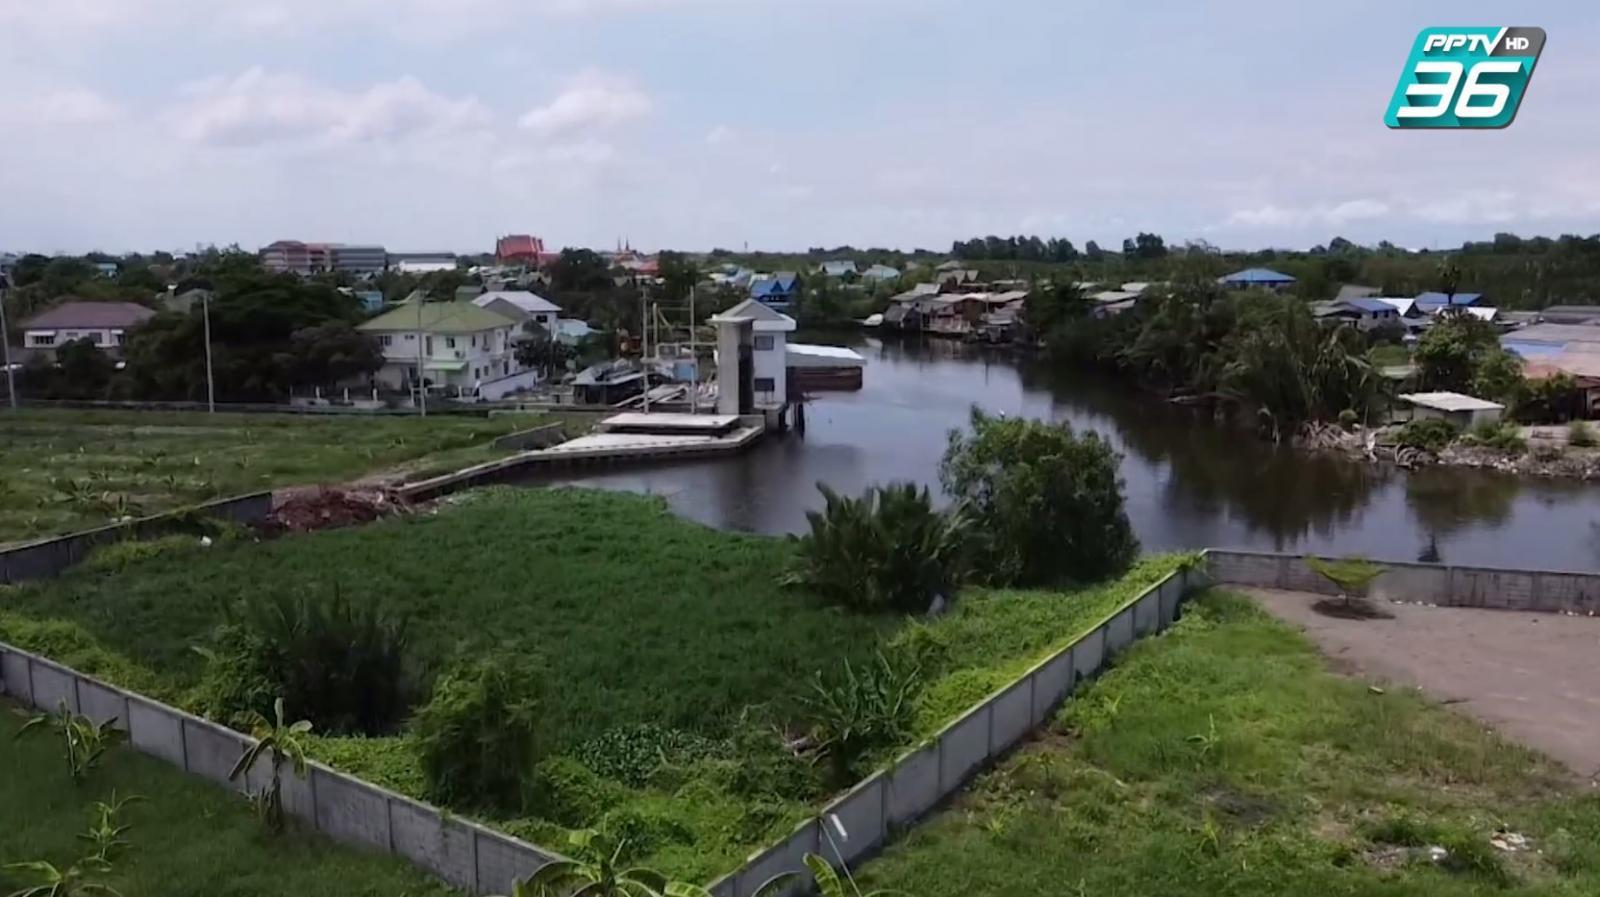 ฮวงจุ้ยไม่ดี! บ้านตั้งอยู่บนสันโค้งแม่น้ำ ส่งผลร้ายแรงกว่าบ้านทางสามแพร่ง